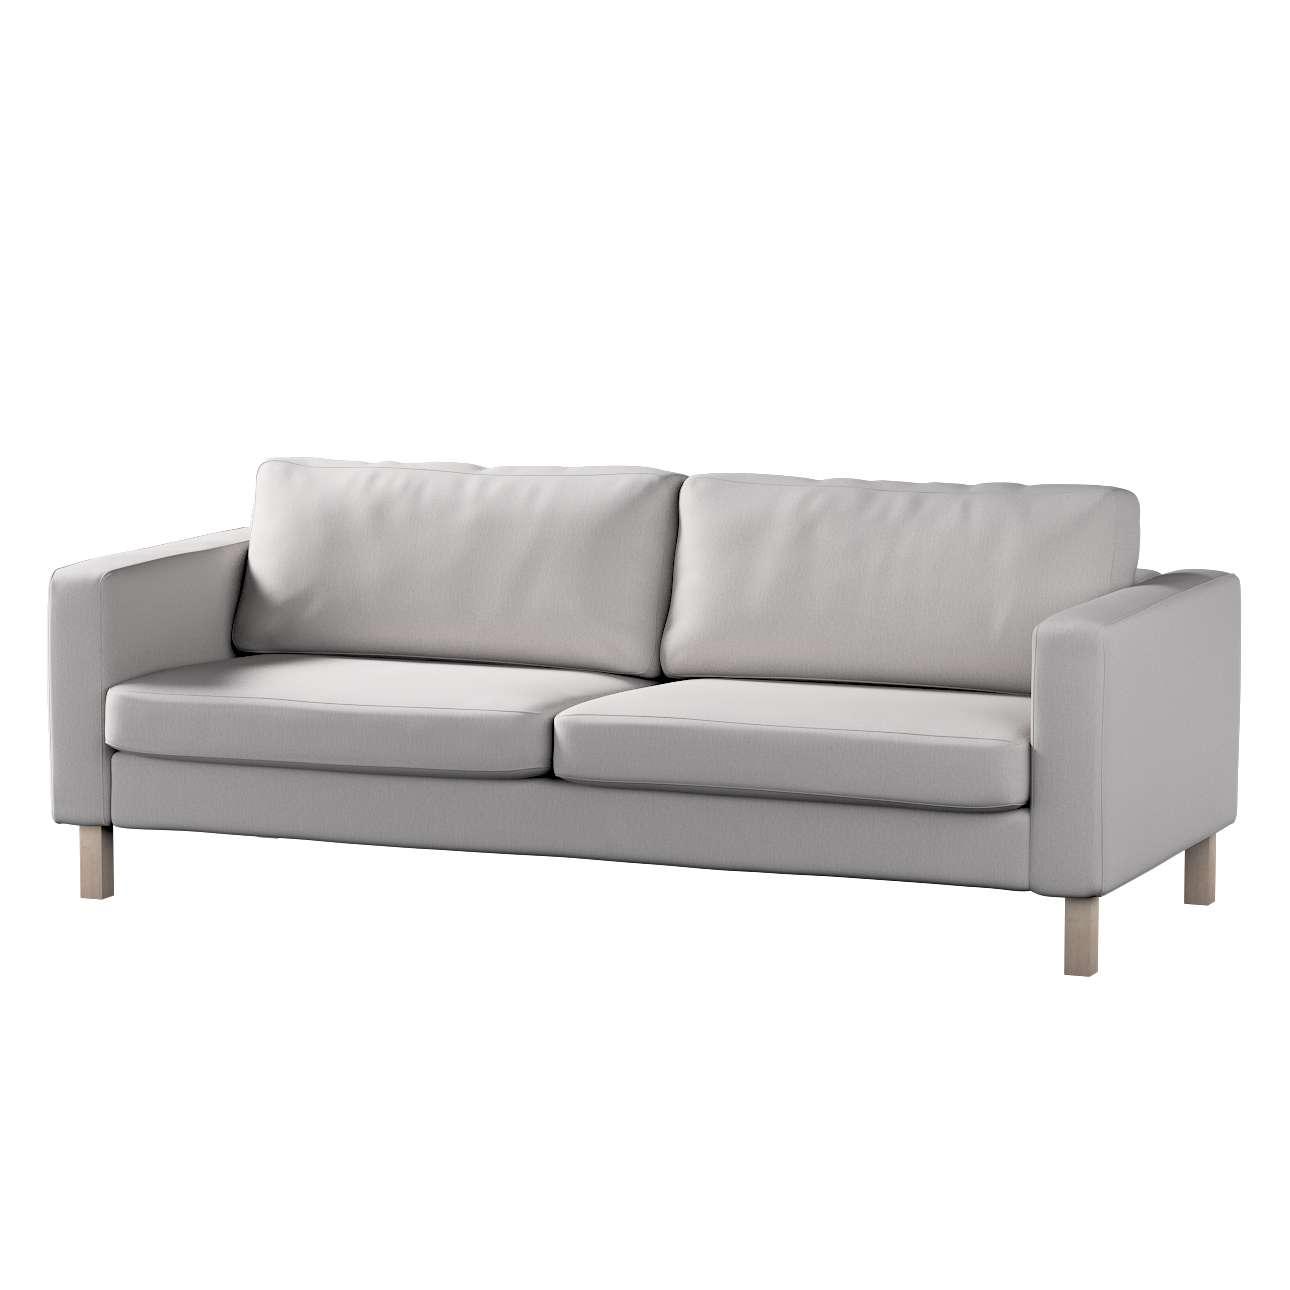 Karlstad sofos-lovos užvalkalas Karlstad trivietės sofos-lovos užvalkalas (išlankstomai sofai) kolekcijoje Chenille, audinys: 702-23